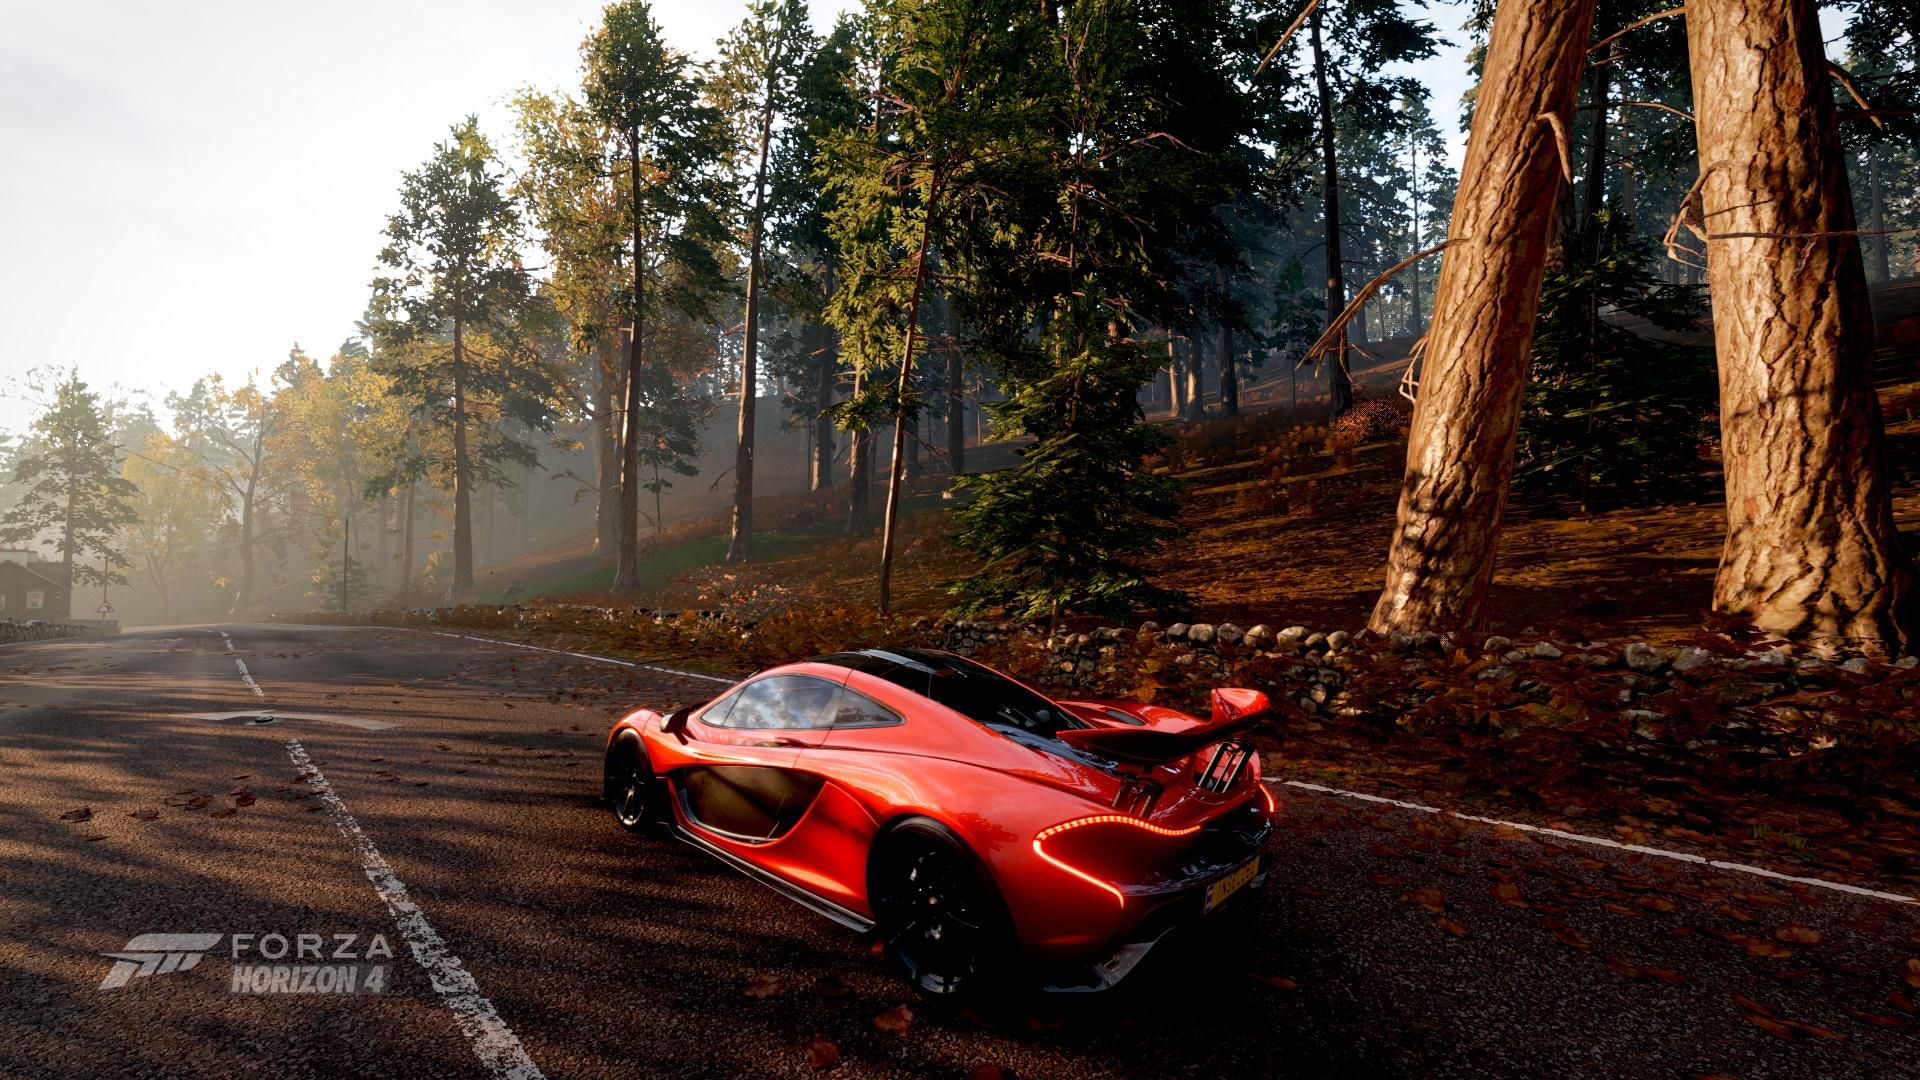 Осень5.jpg - Forza Horizon 4